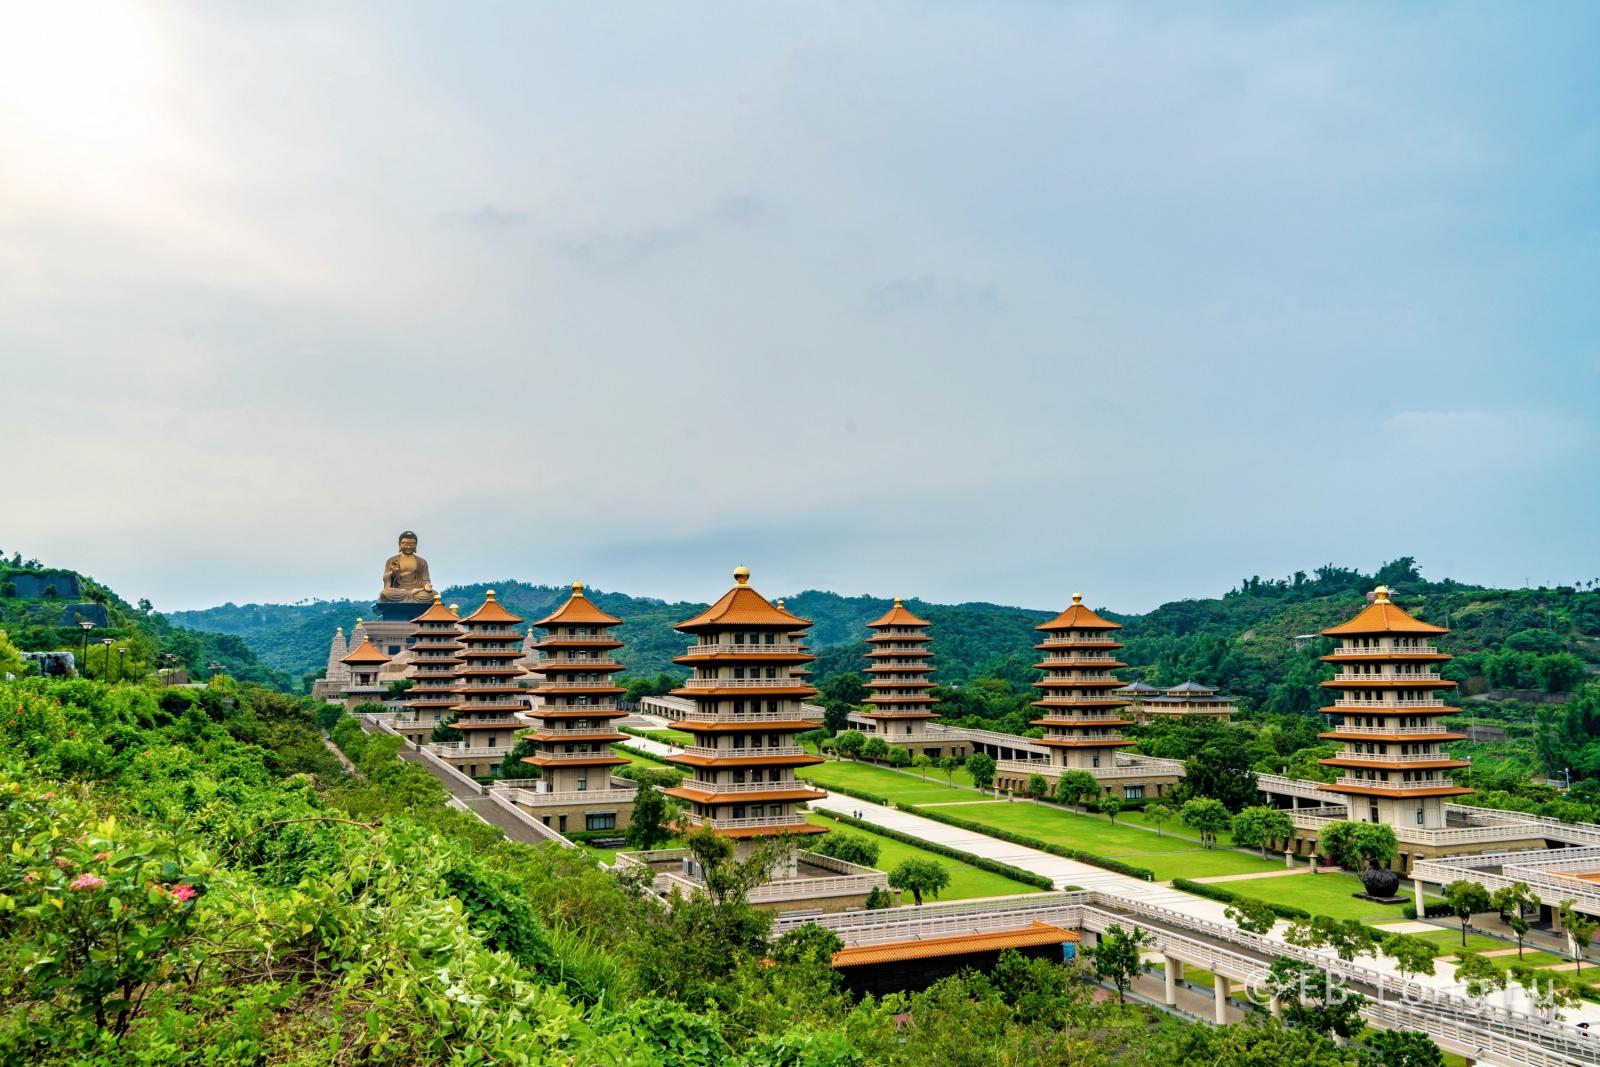 Tour Đài Loan - Toàn cảnh Phật Quang Sơn với hai dãy tháp uy nghiêm